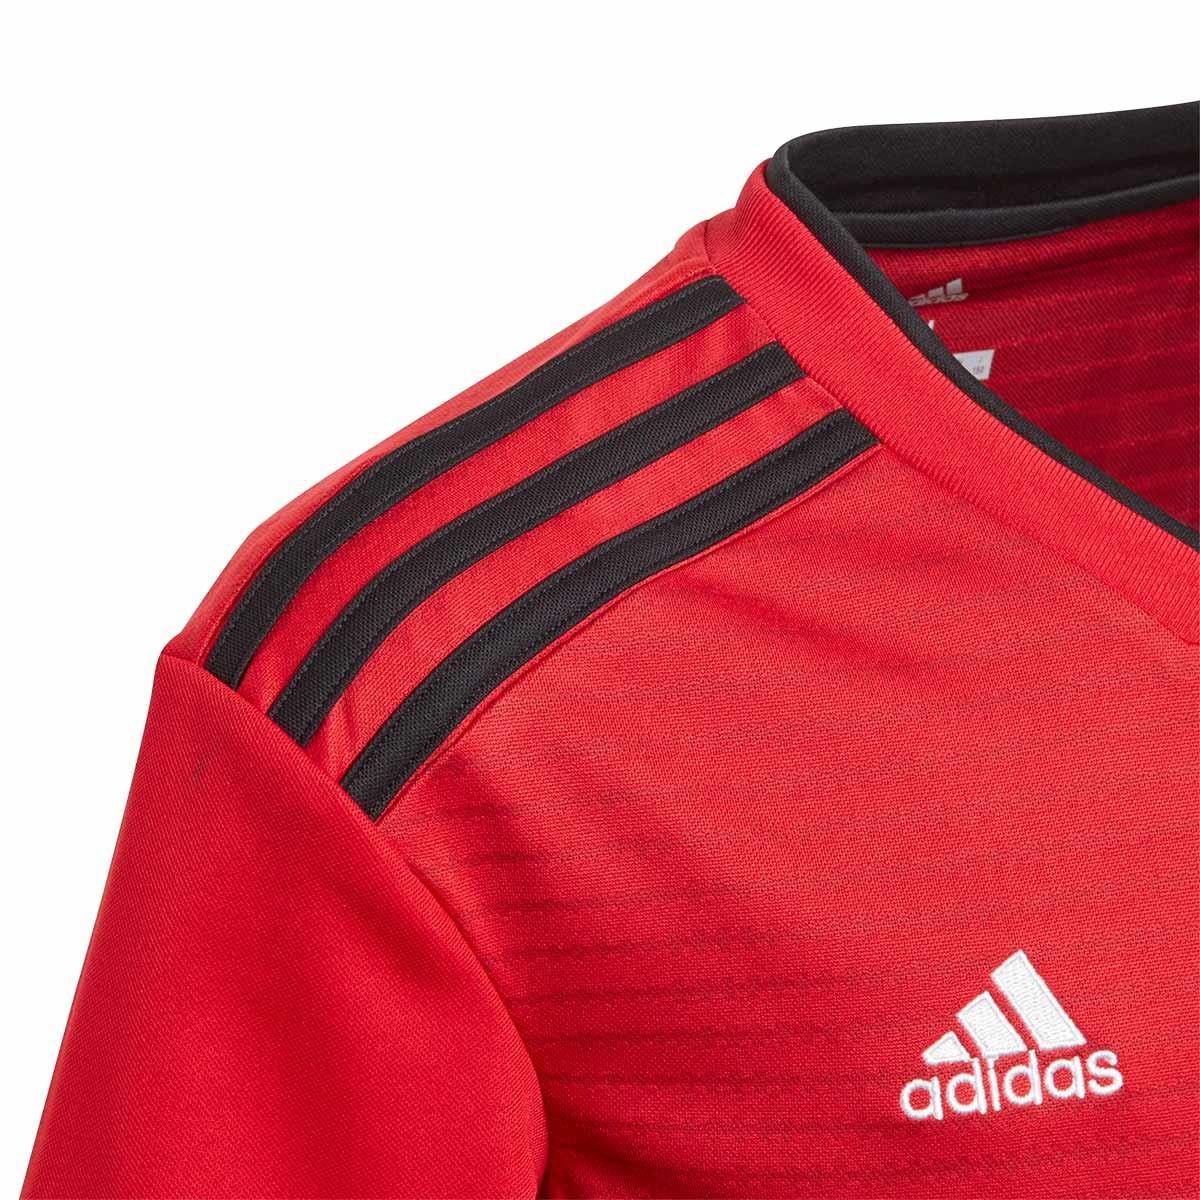 Camiseta adidas Manchester United FC Primera Equipación 2018-2019 Niño Real  red-Black - Soloporteros es ahora Fútbol Emotion d572c35ceaf6d